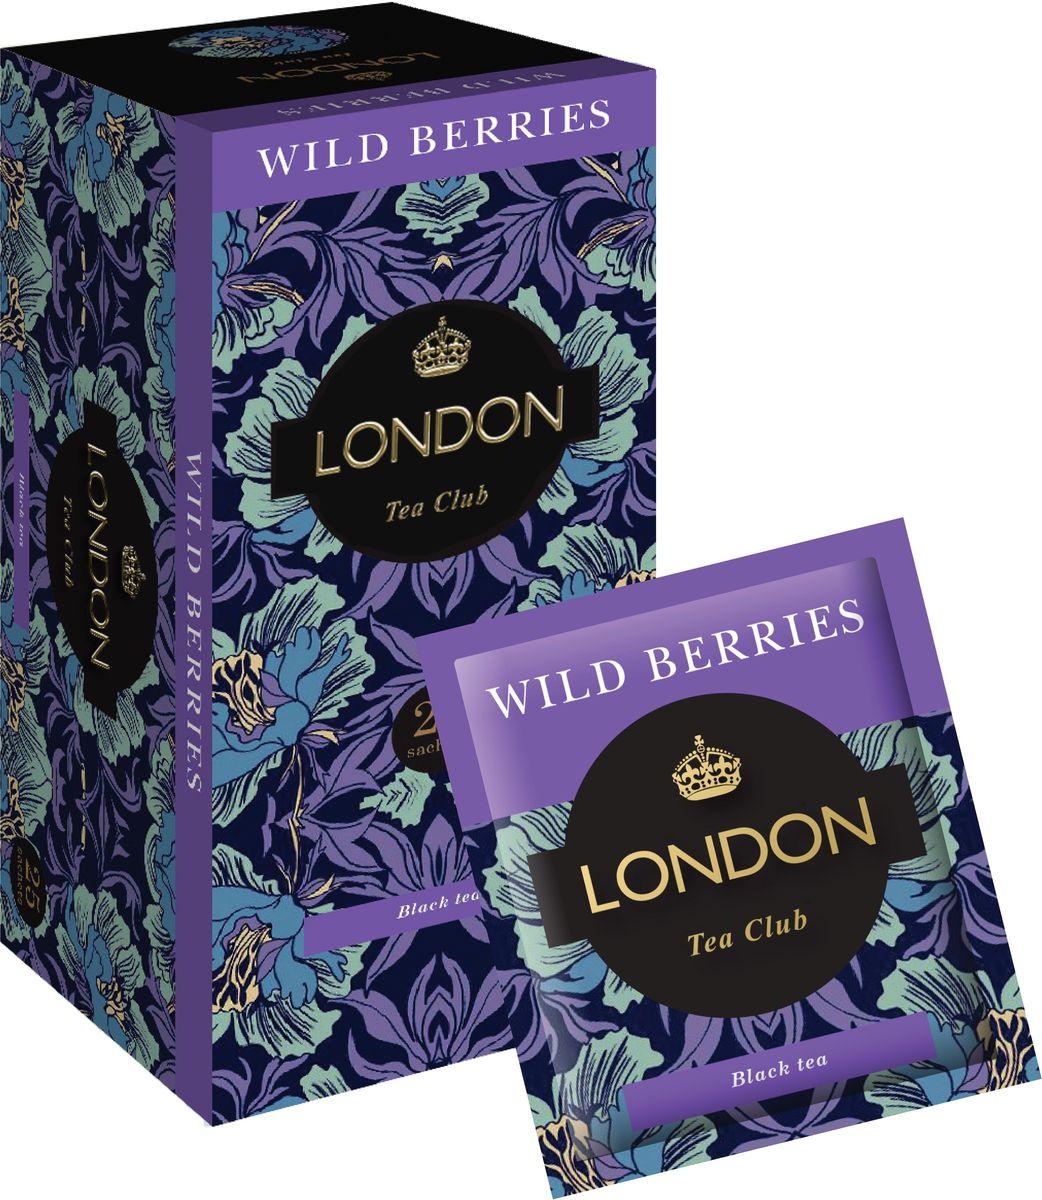 London Tea Club Лесные ягоды чай черный в пакетиках, 25 шт4607051543430Ароматная смесь черного чая и цельных лесных ягод, которые придают напитку особый ягодный вкус. Этот благоухающий чай создает приятное летнее настроение, прекрасно восстанавливает силы.